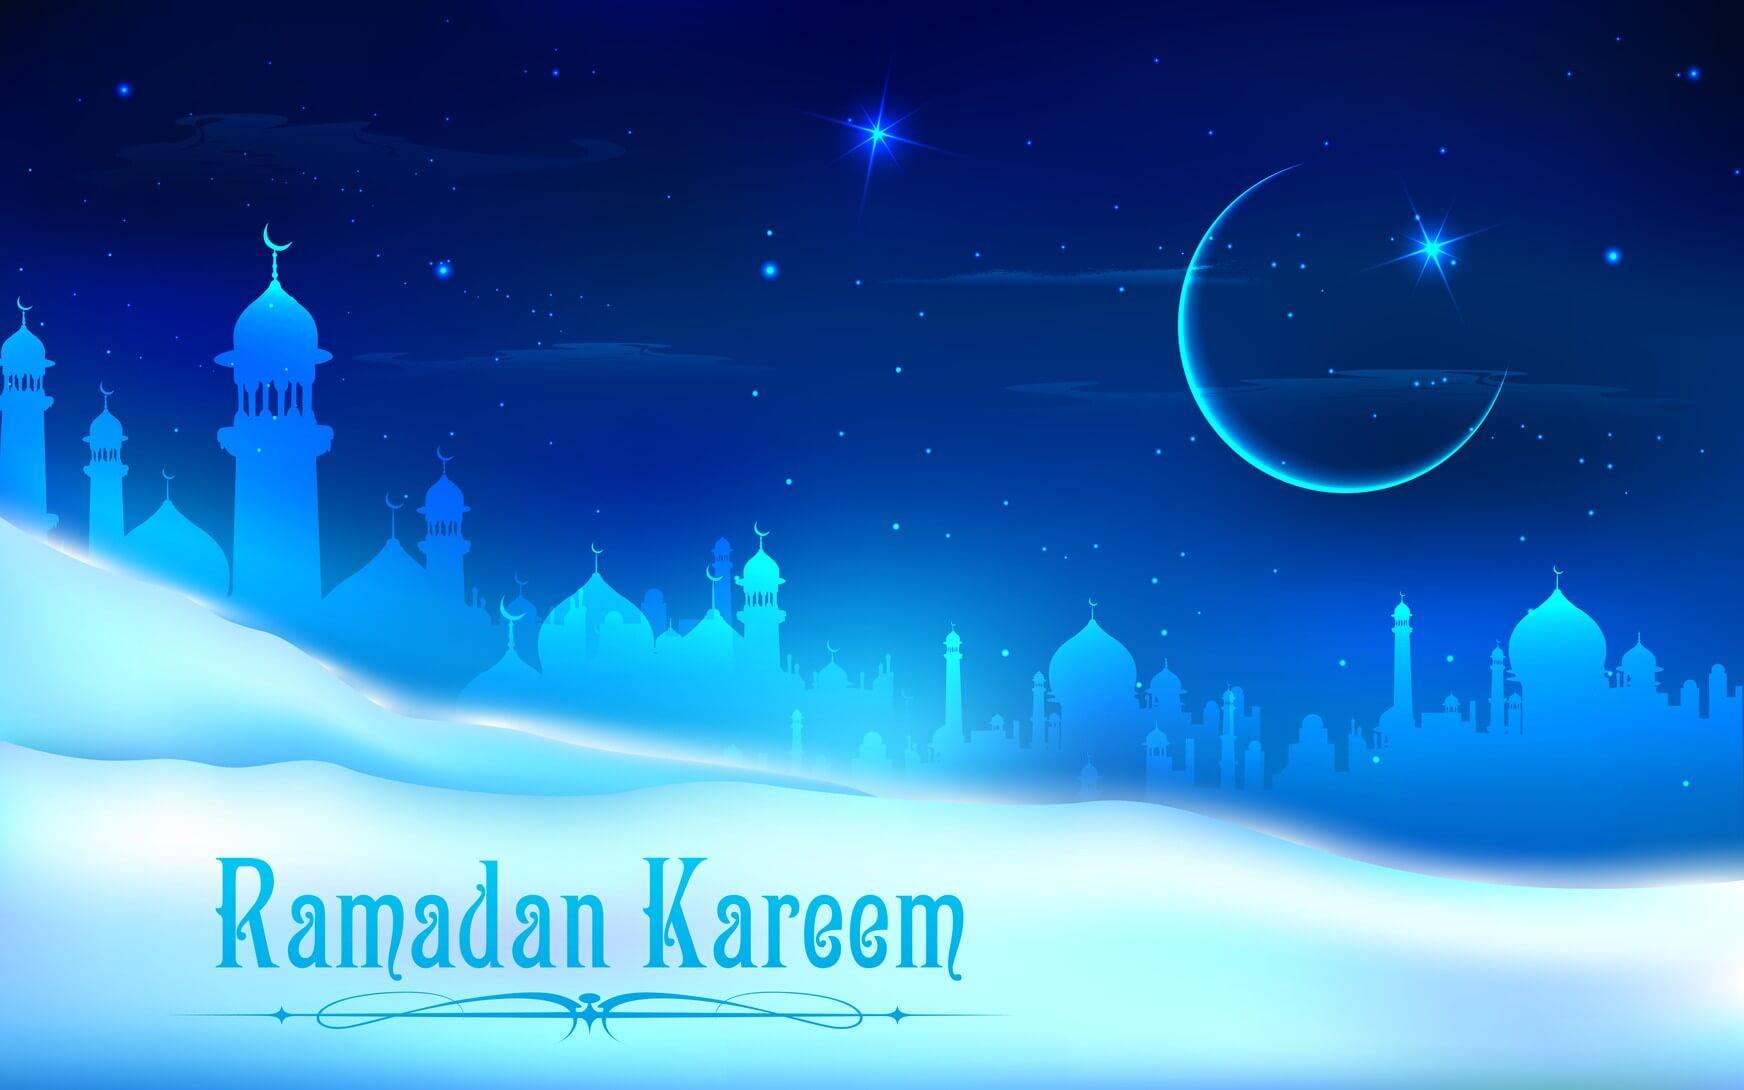 happy ramadan kareem wallpaper hd